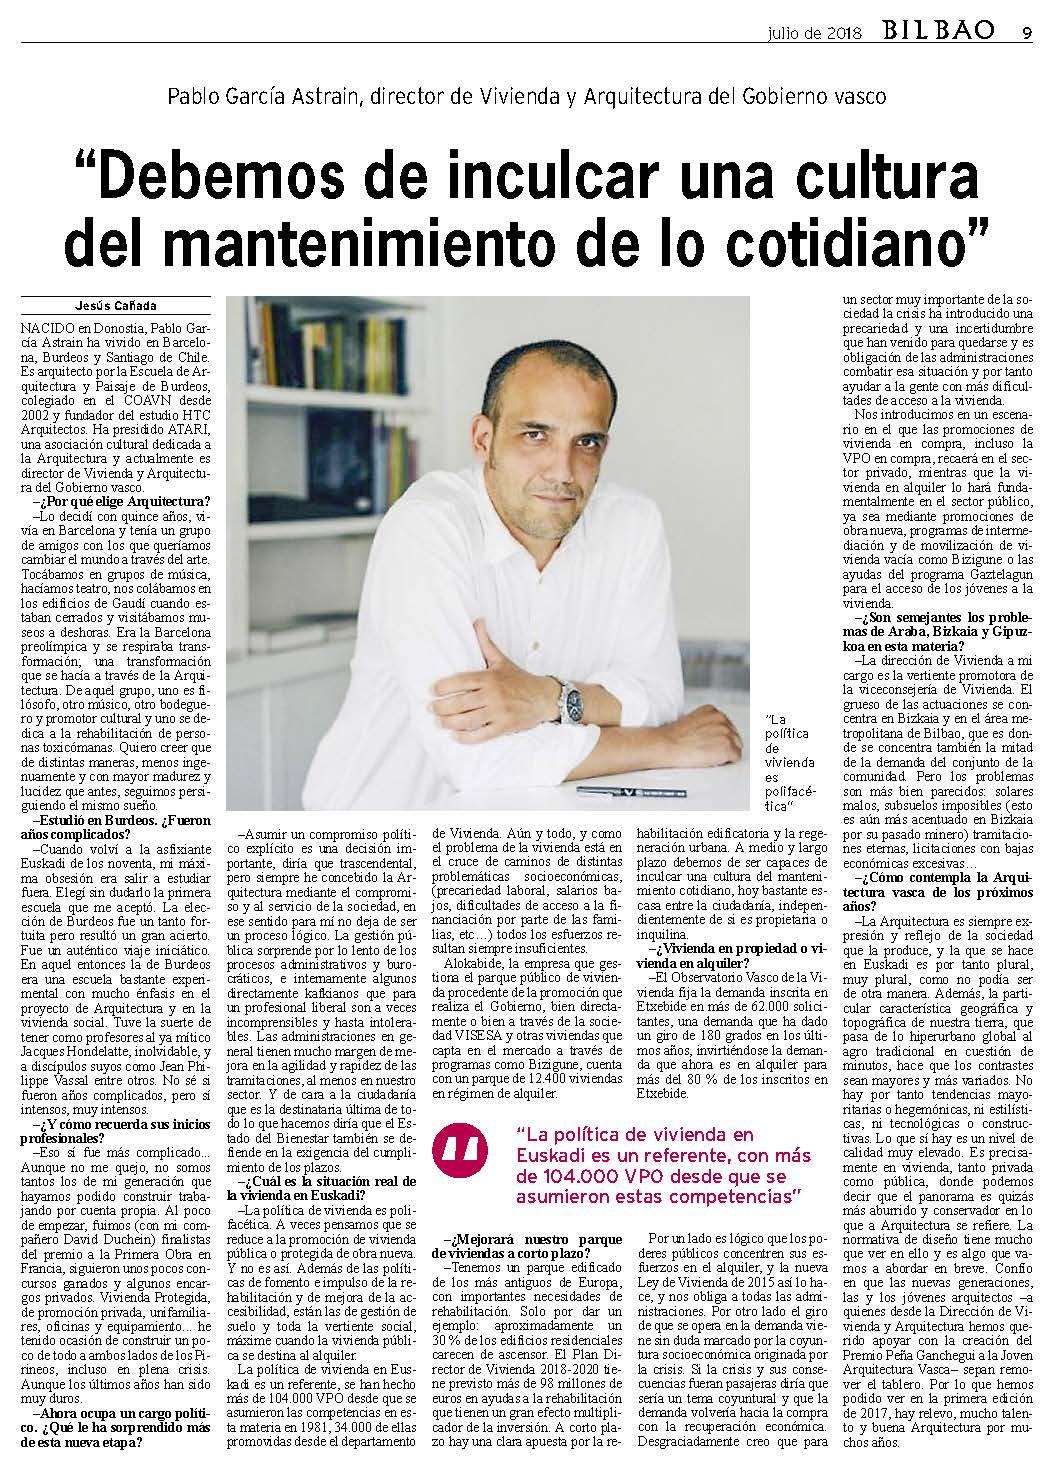 Periodico Bilbao Julio 2018.jpg